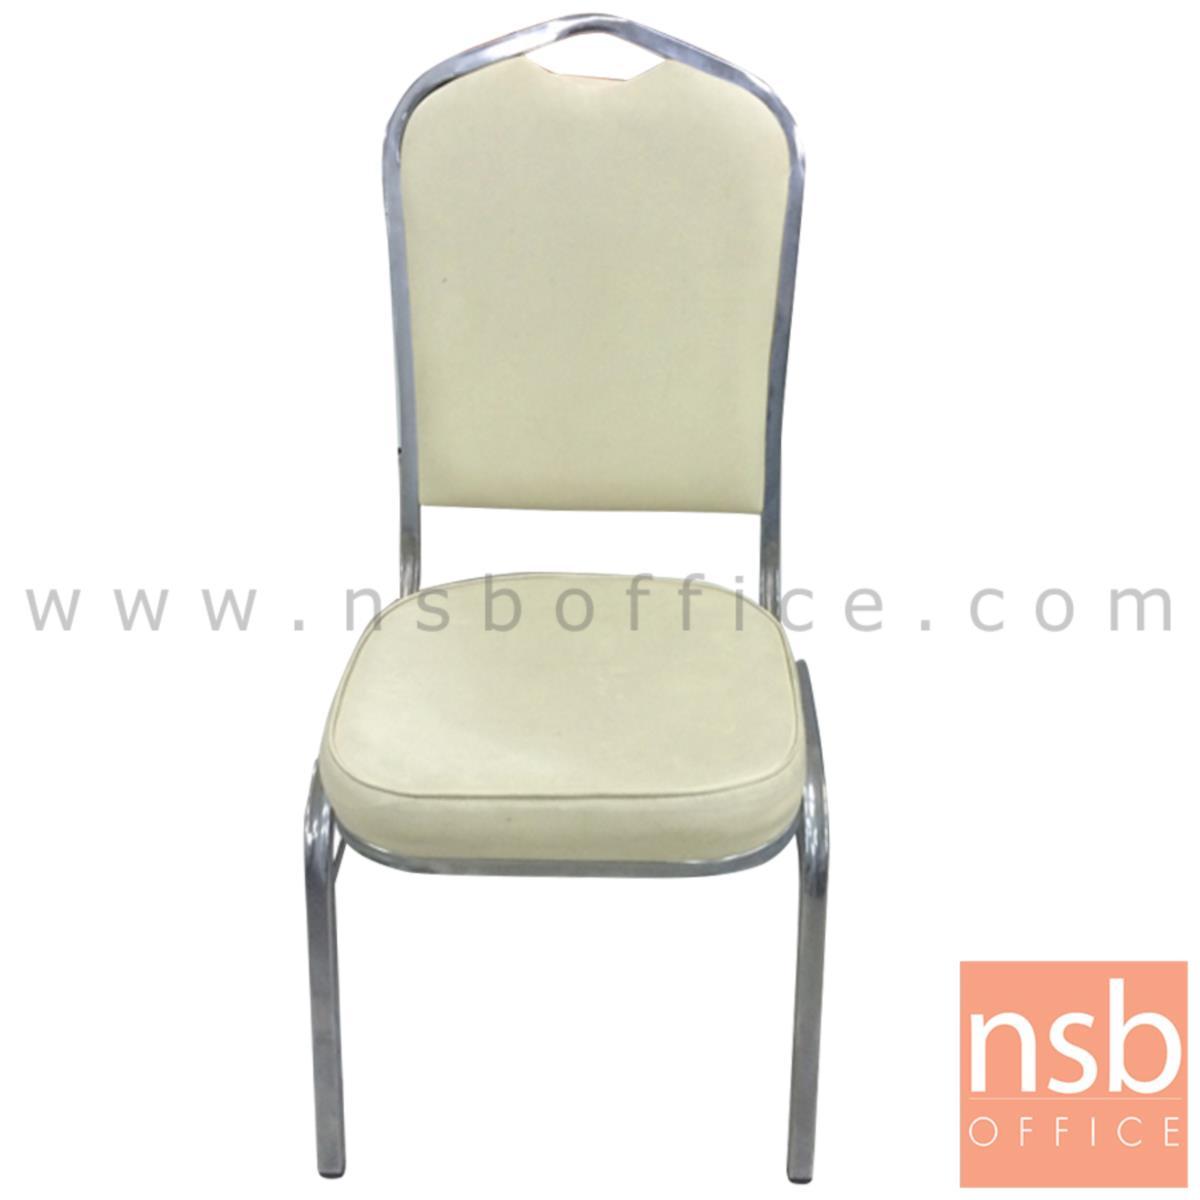 B08A061:เก้าอี้อเนกประสงค์จัดเลี้ยง  ขนาด 93H cm. ขาเหล็กชุบโครเมี่ยม